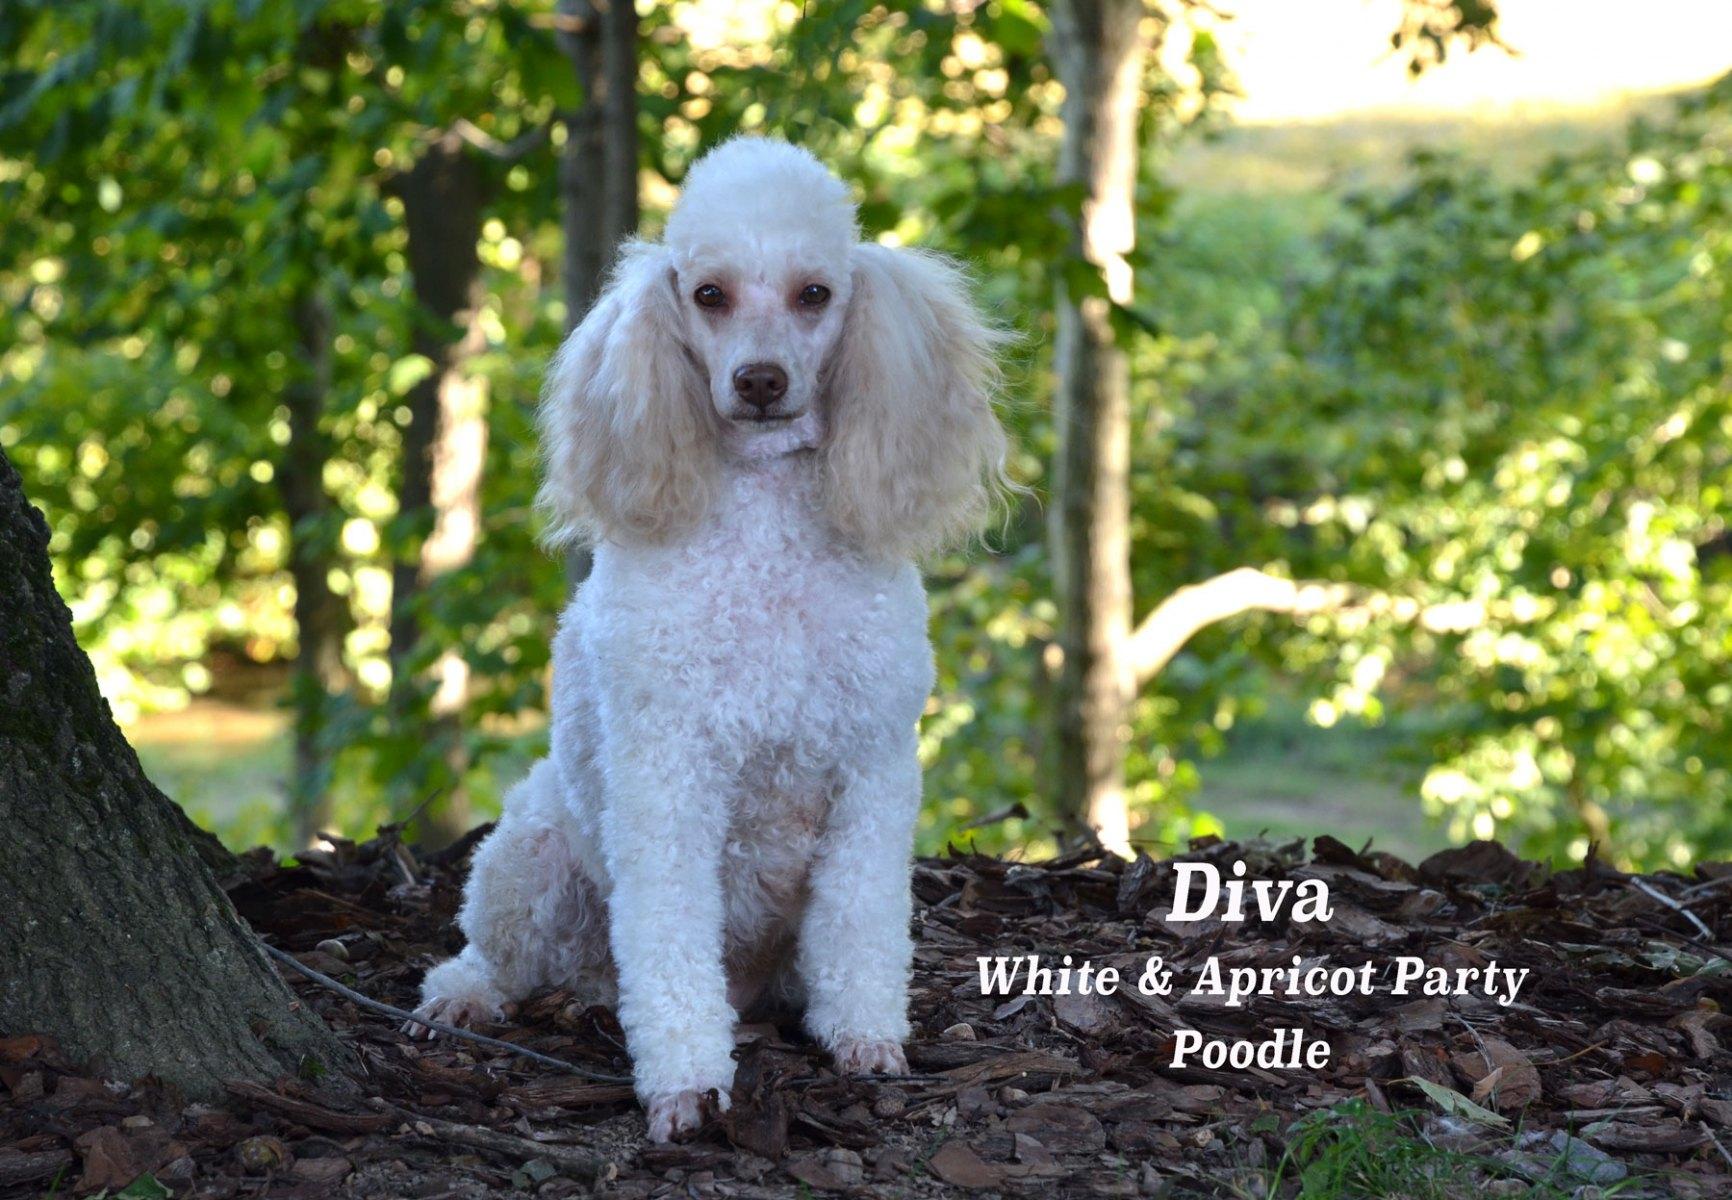 Diva-9-20_20200920_5697